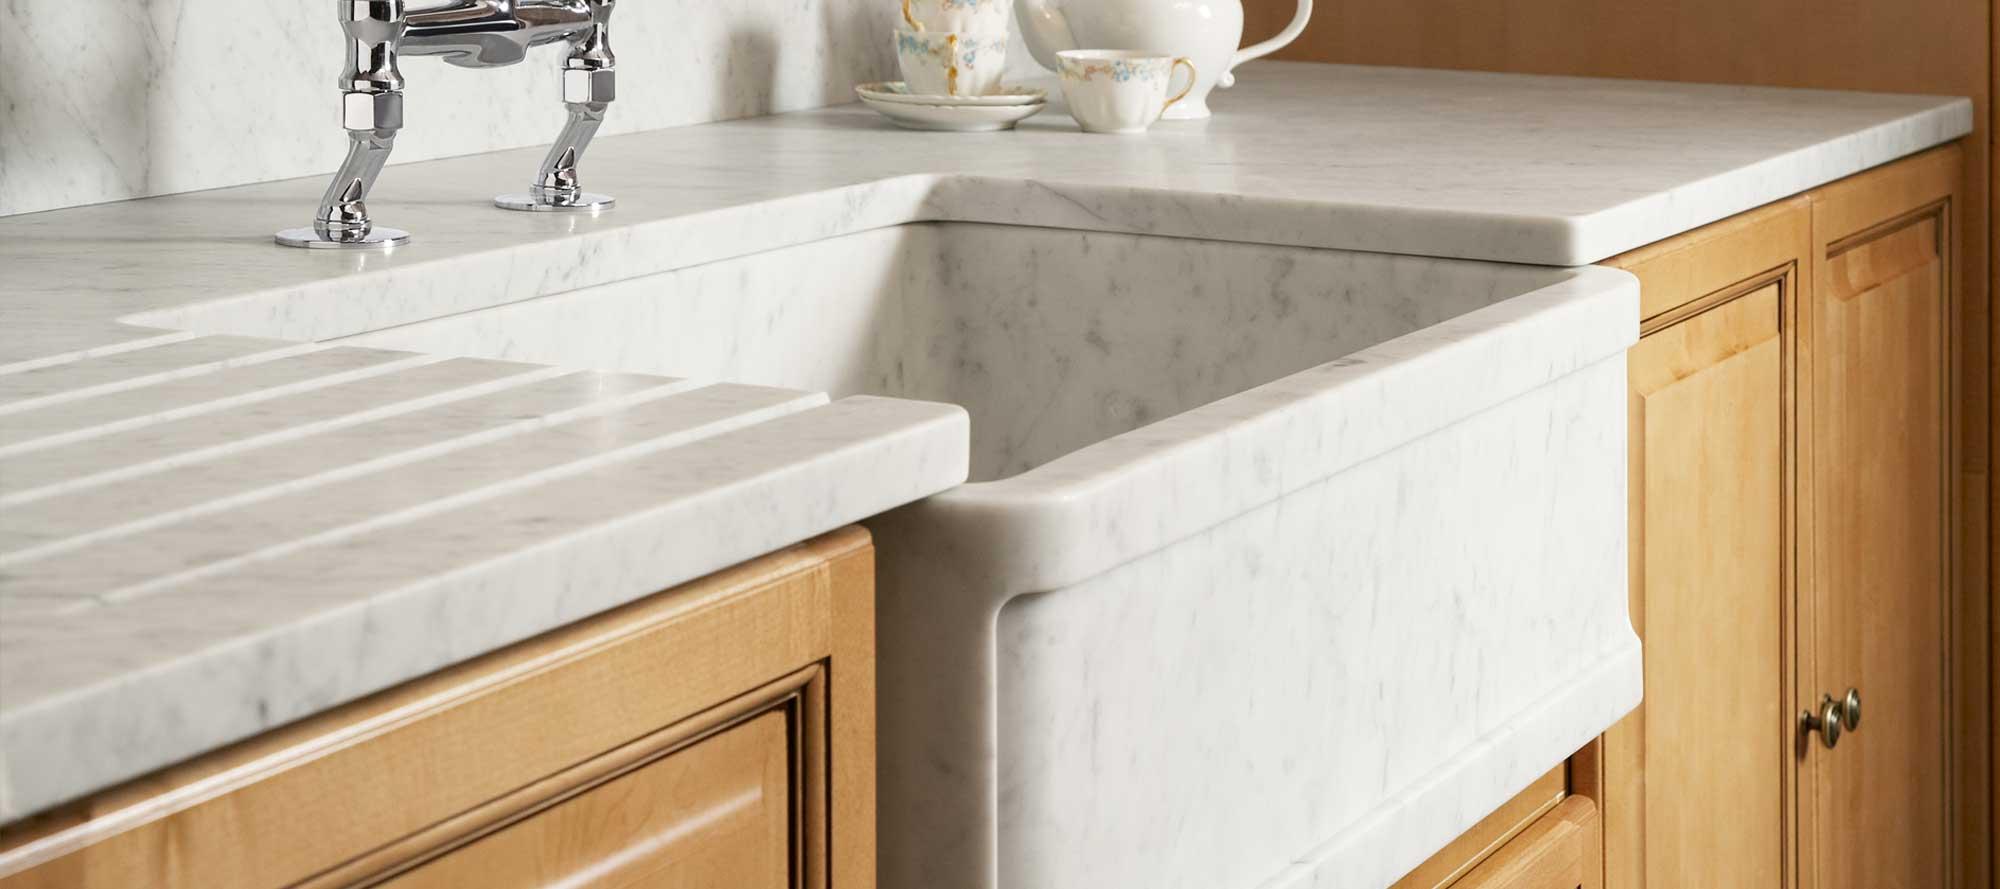 Kitchen Sinks | Sinks | Kallista